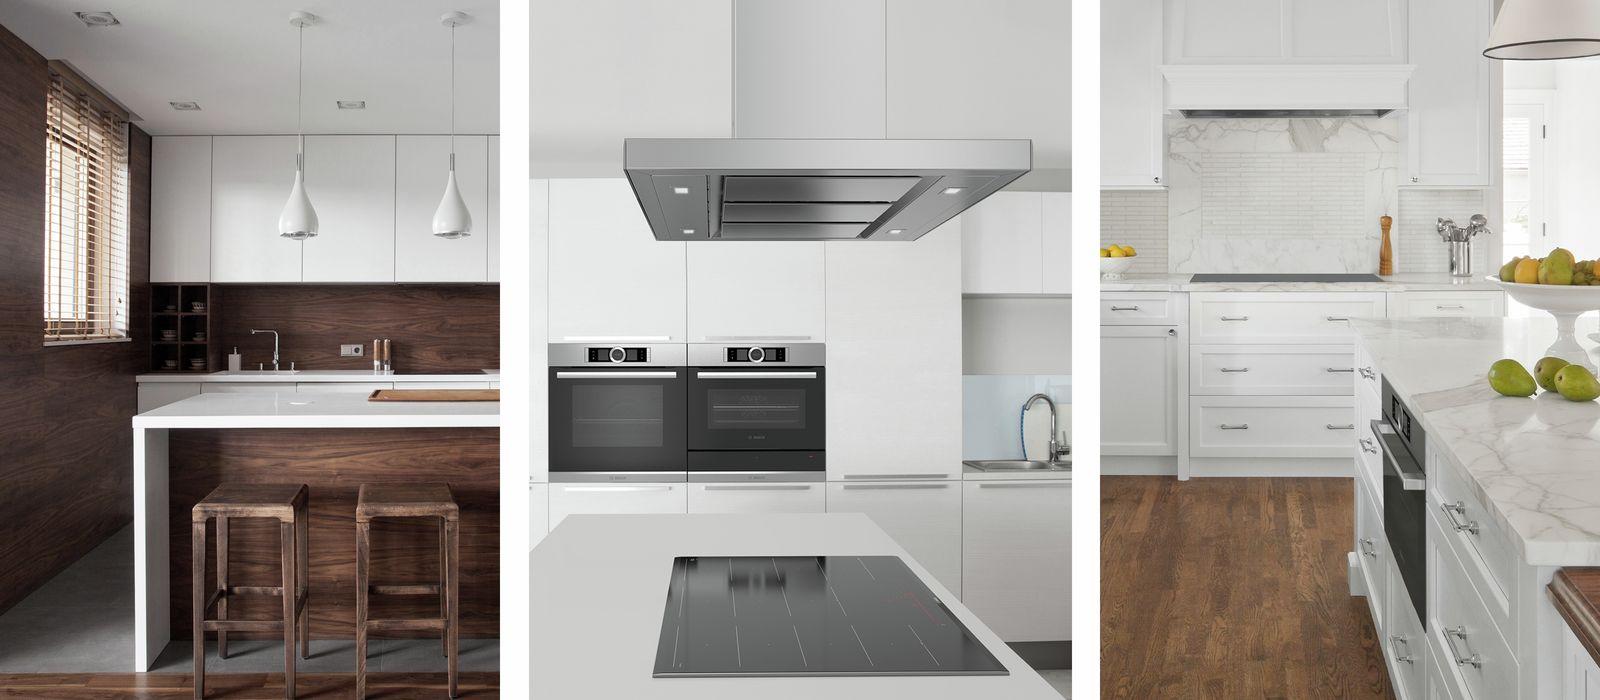 kitchen planners contractors 博世厨房规划师 bosch 步骤2 选择形状 风格和颜色